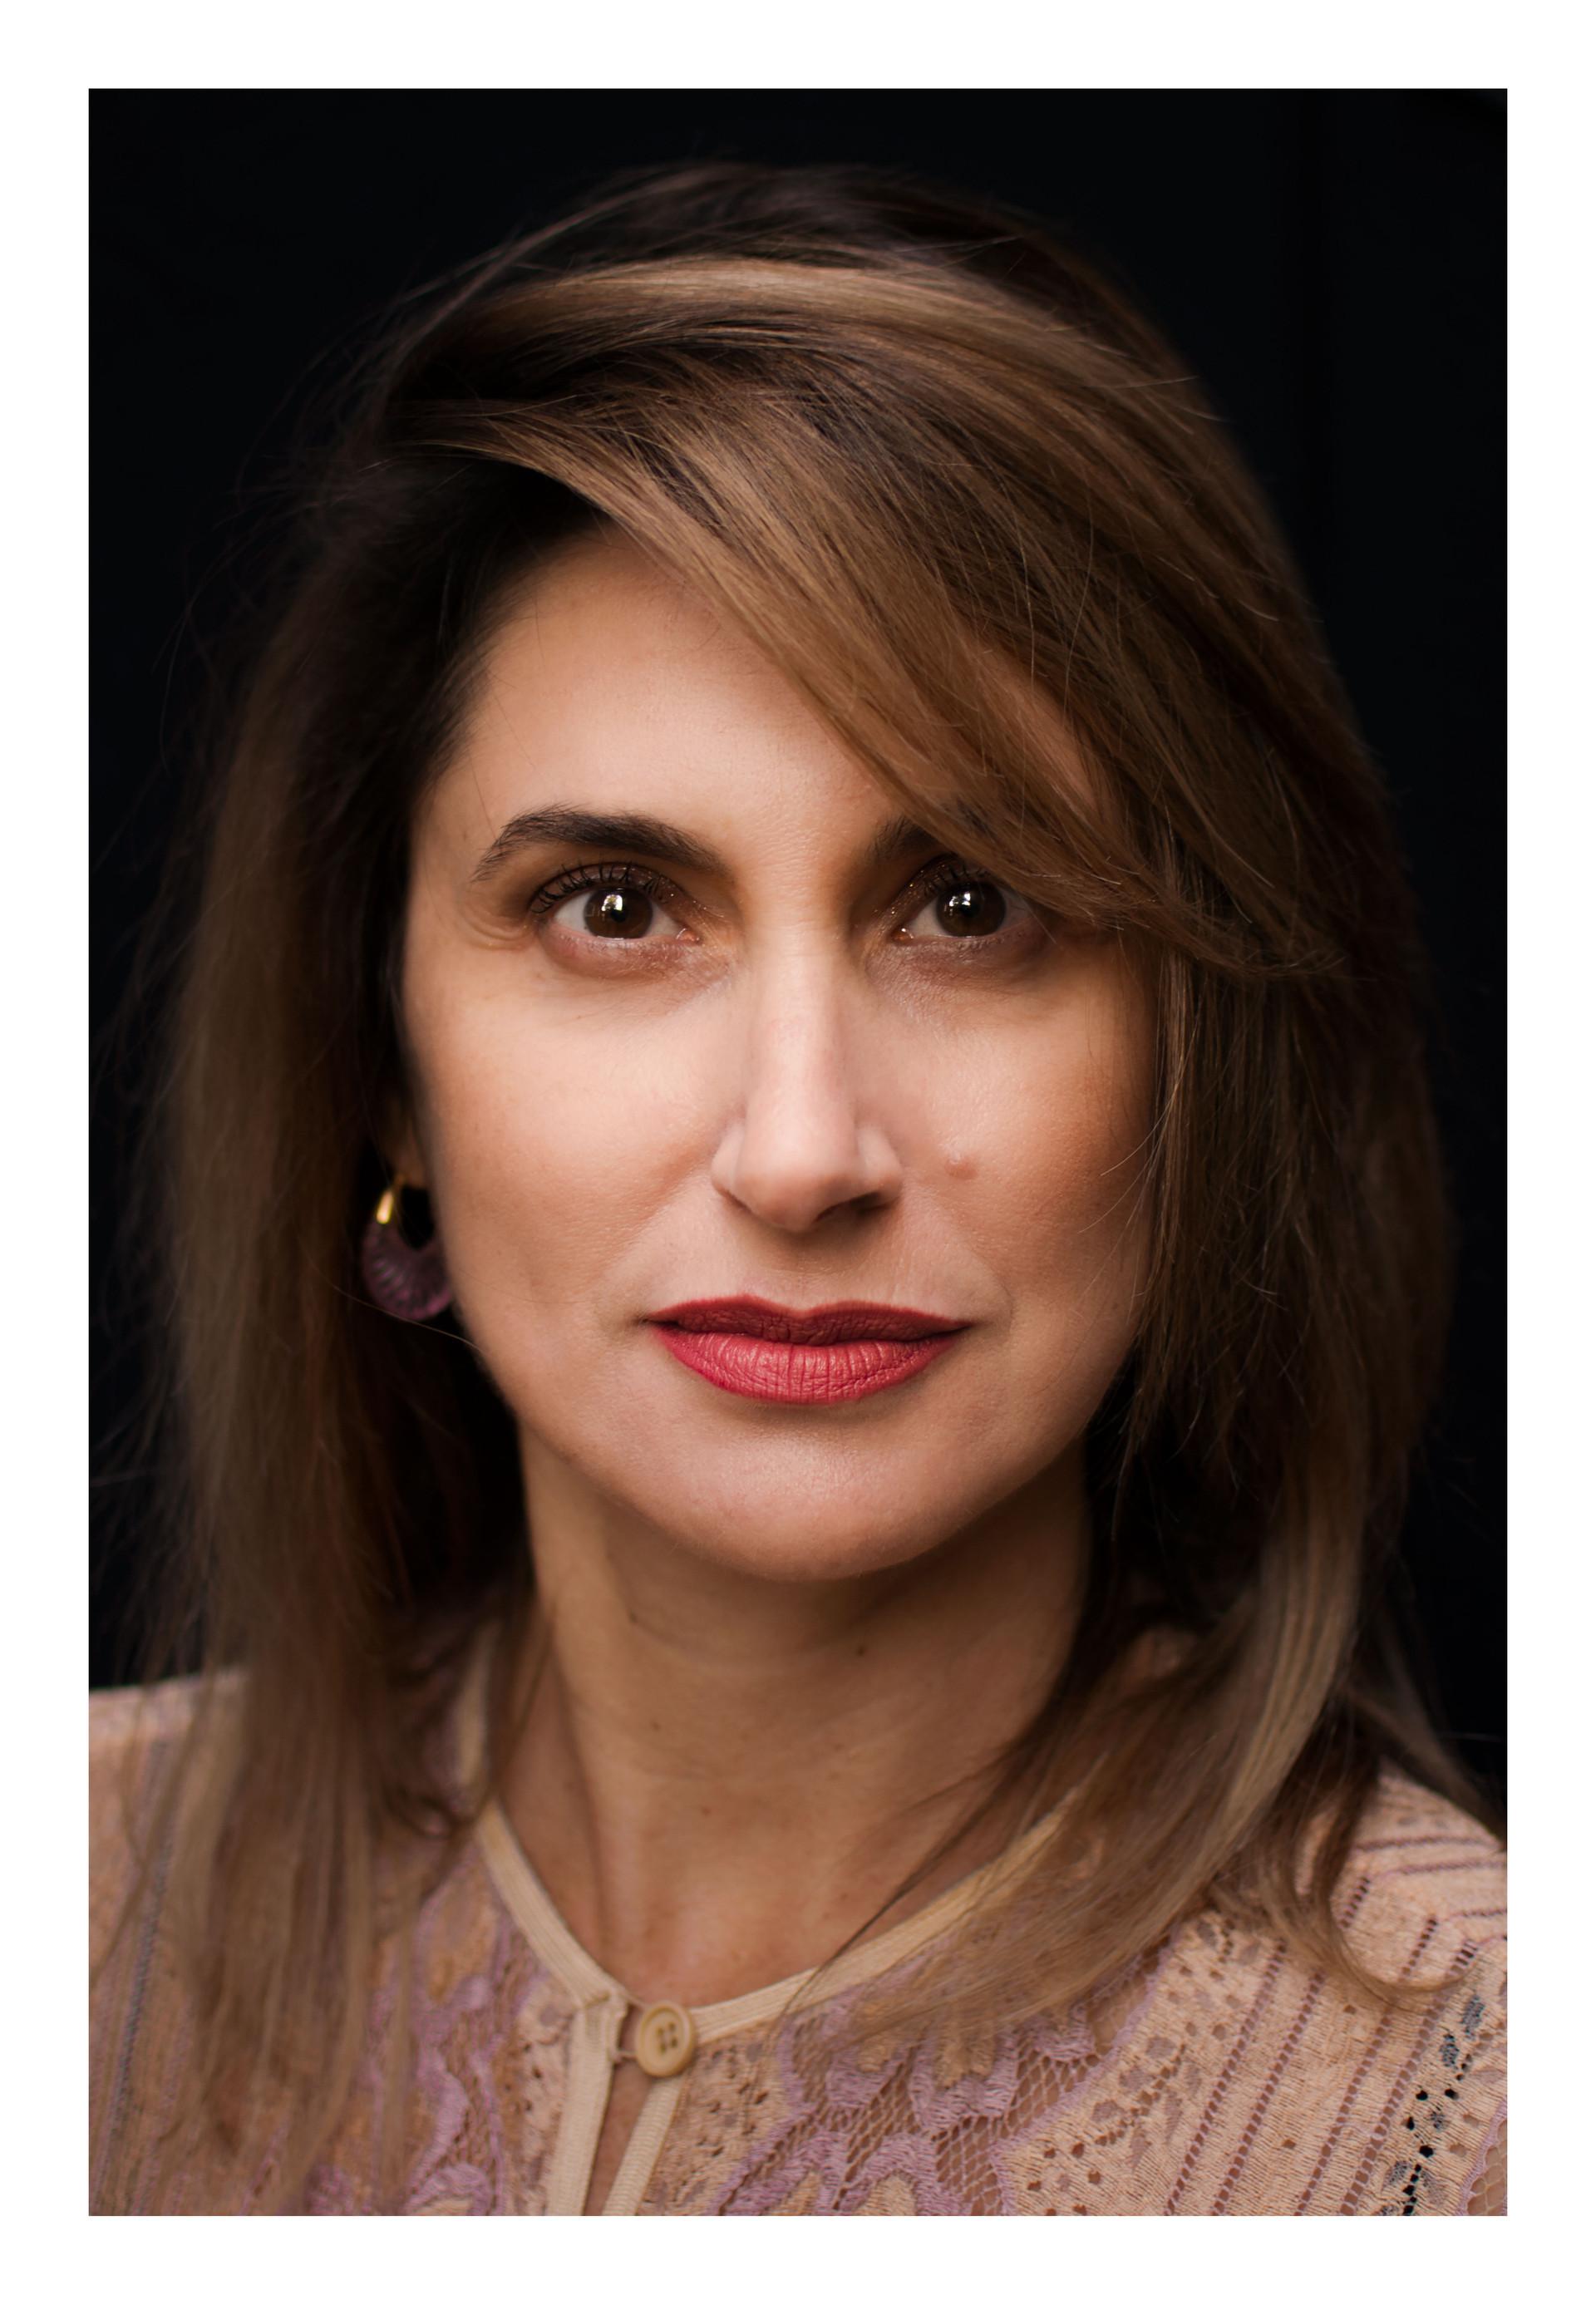 Lene Saccani (Luxury Retail Buyer/Manager) - London, 2020